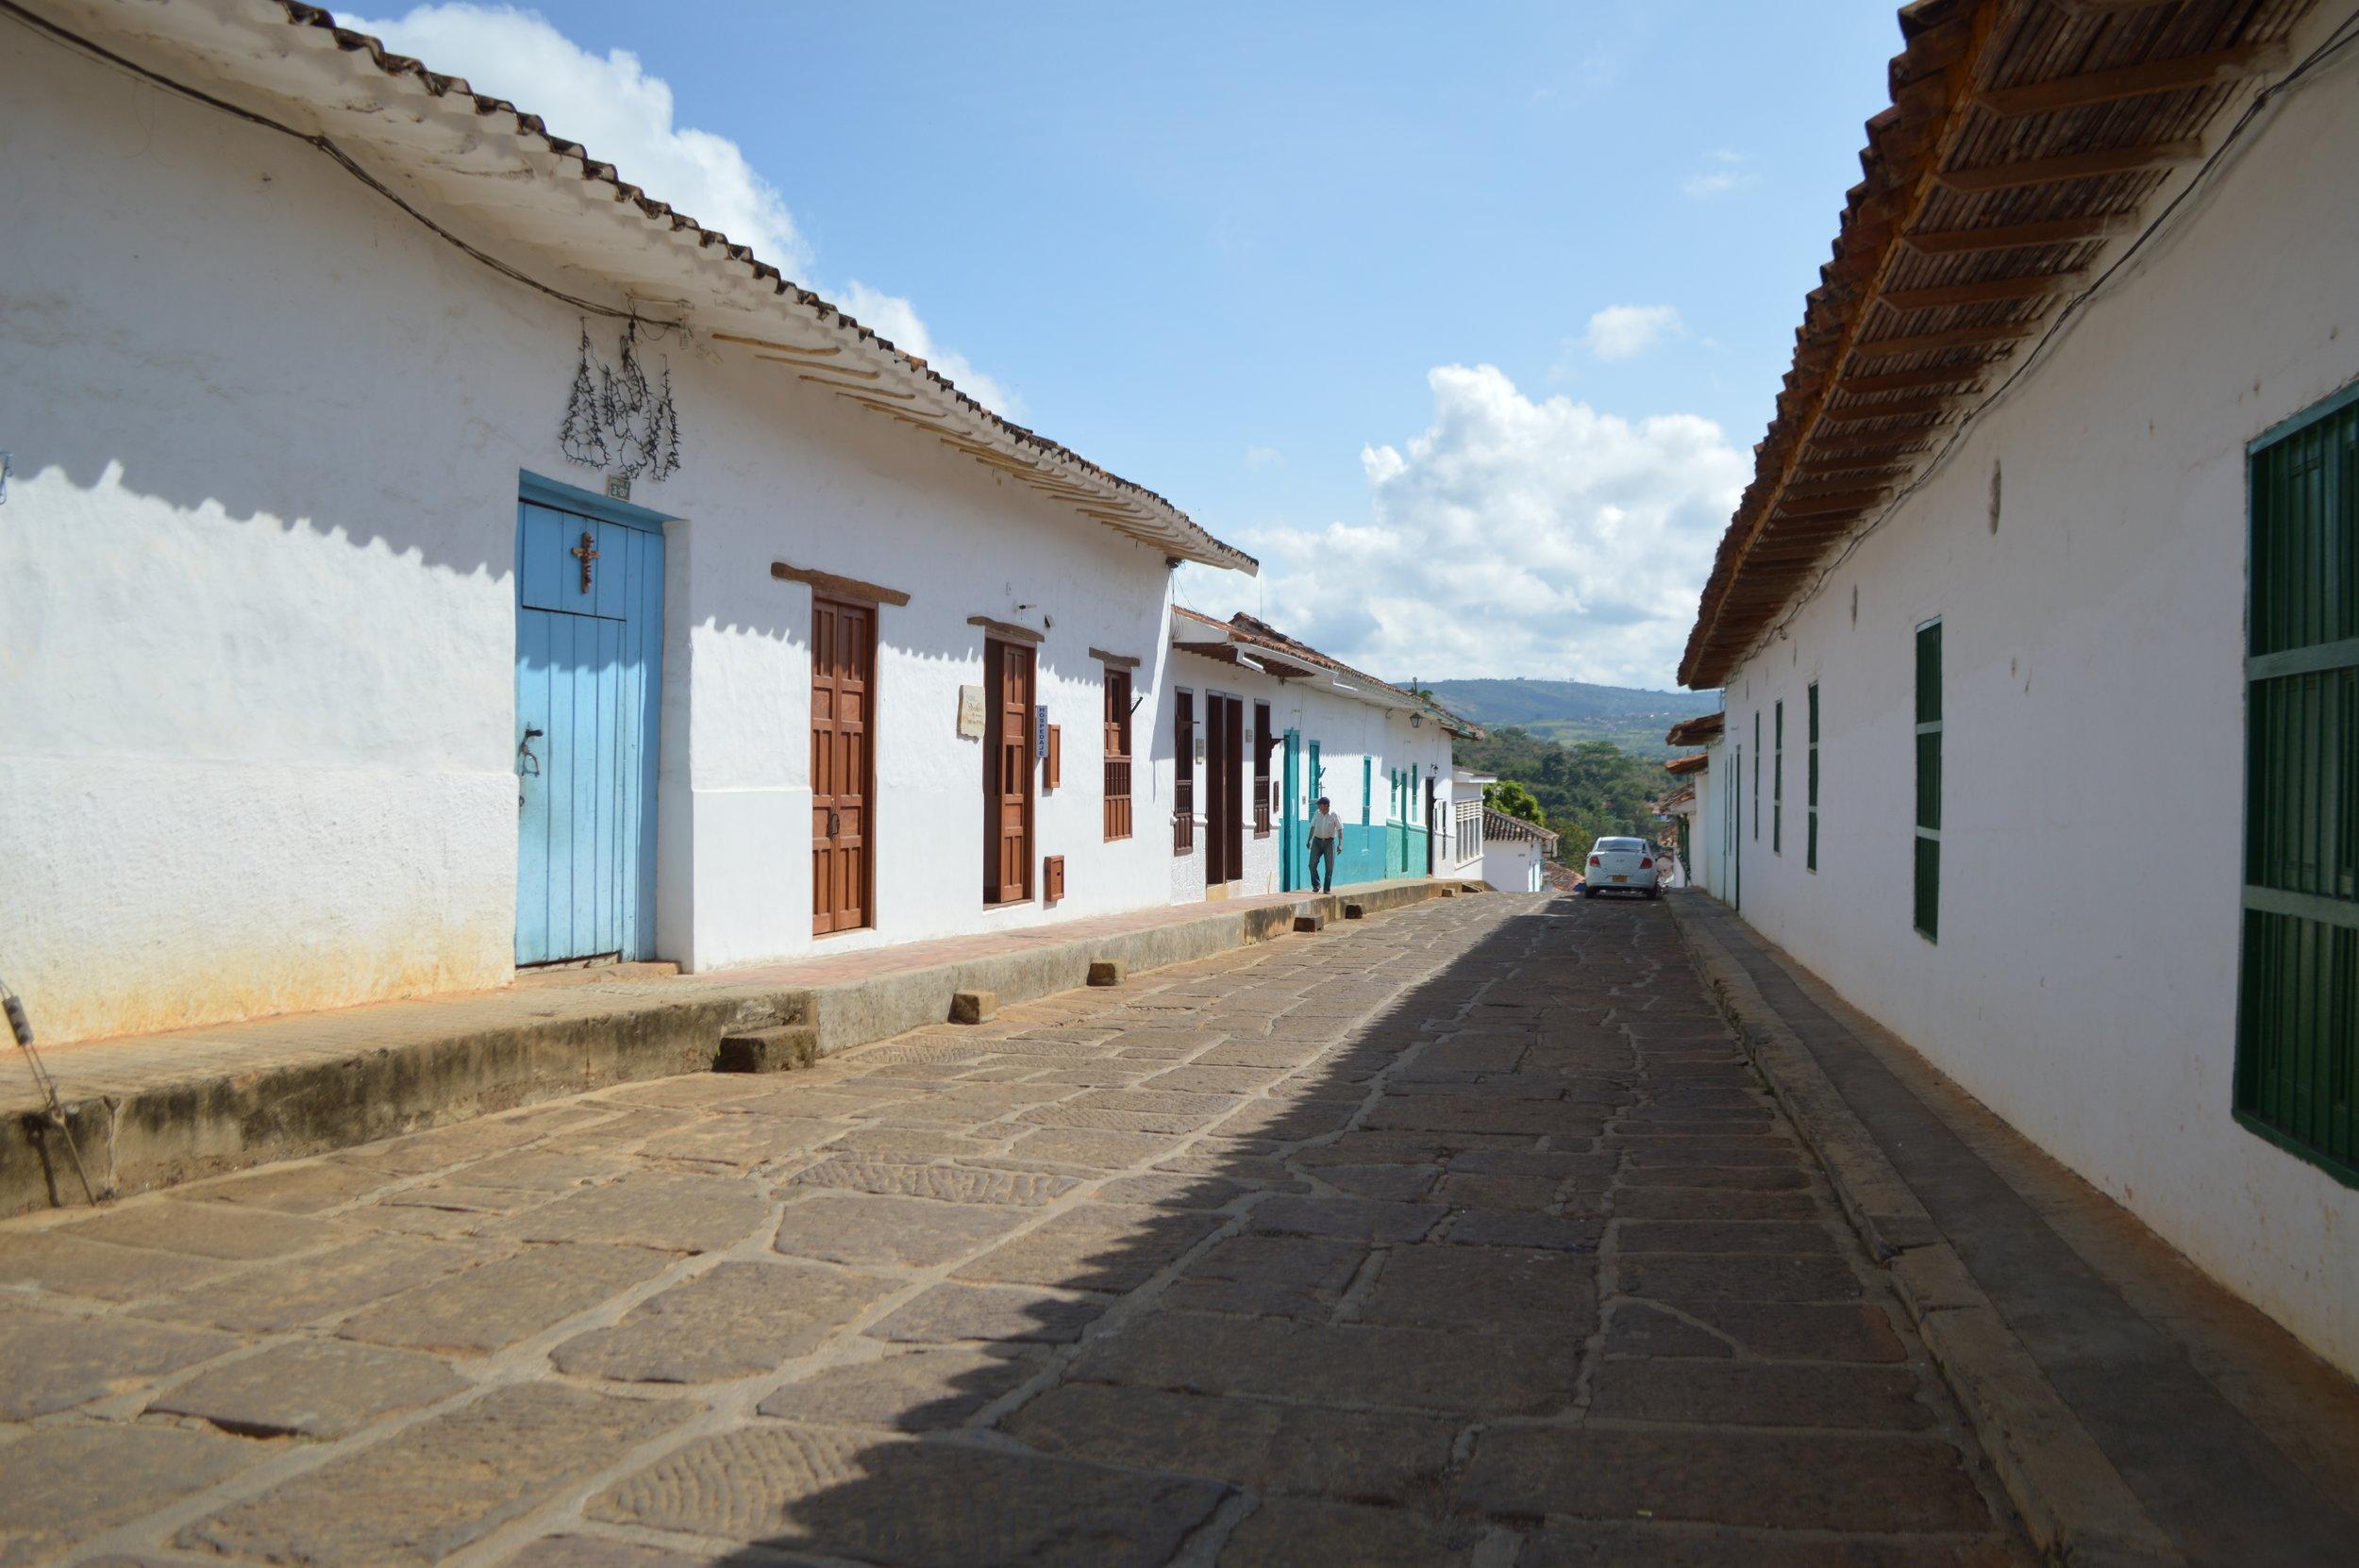 Quiet town of Barichara